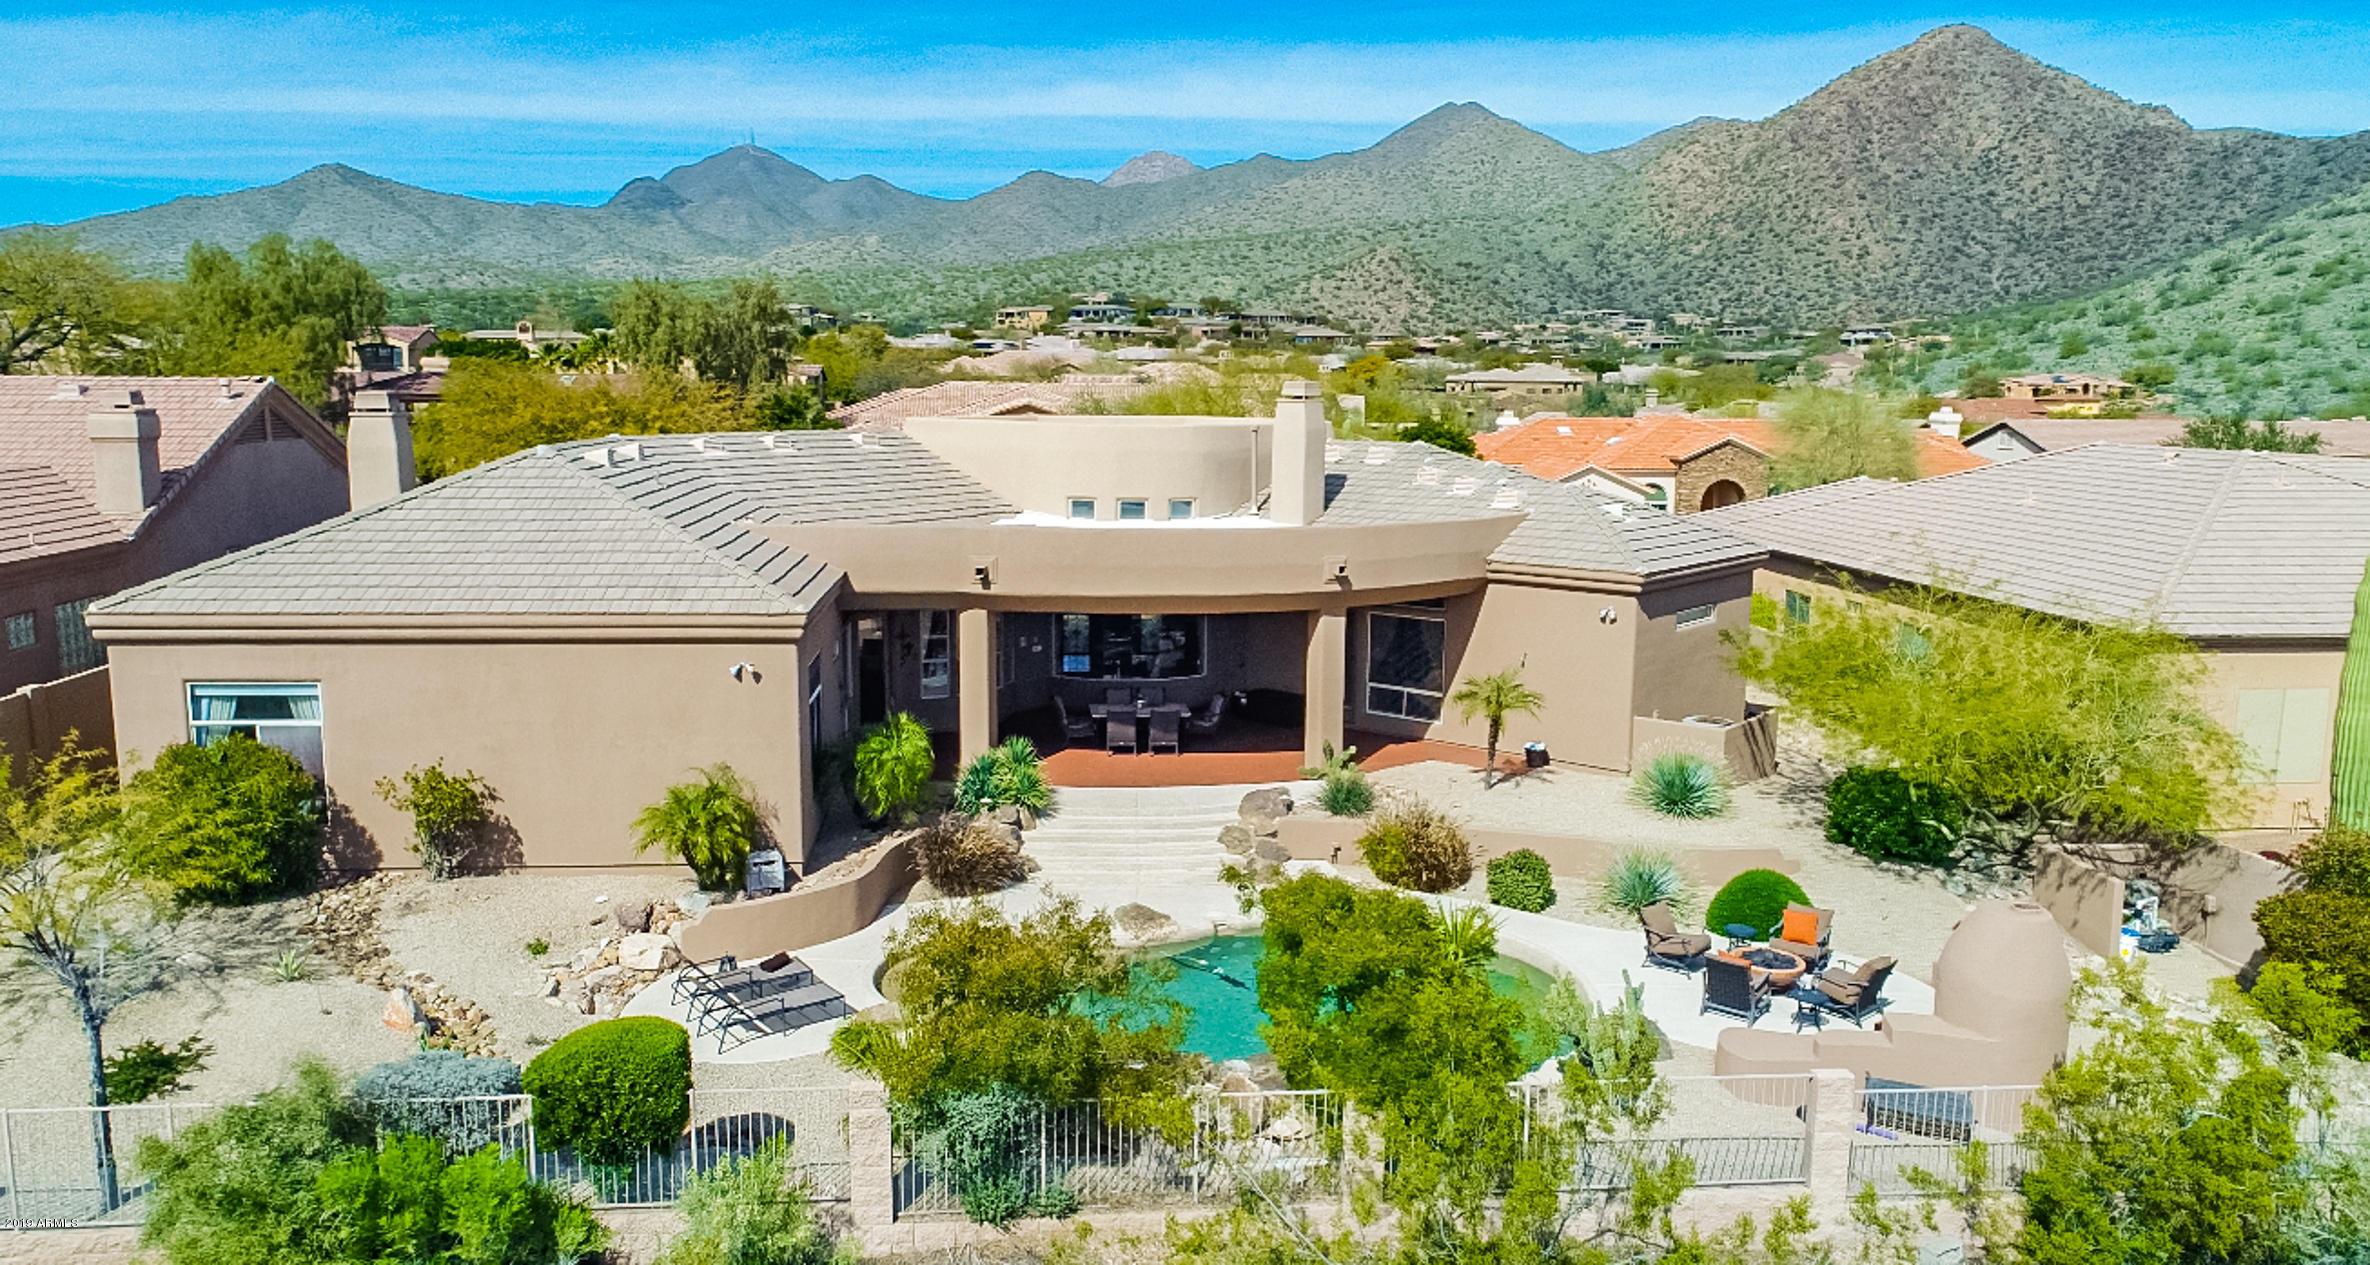 MLS 5892785 12855 E Summit Drive, Scottsdale, AZ 85259 Scottsdale AZ Private Pool